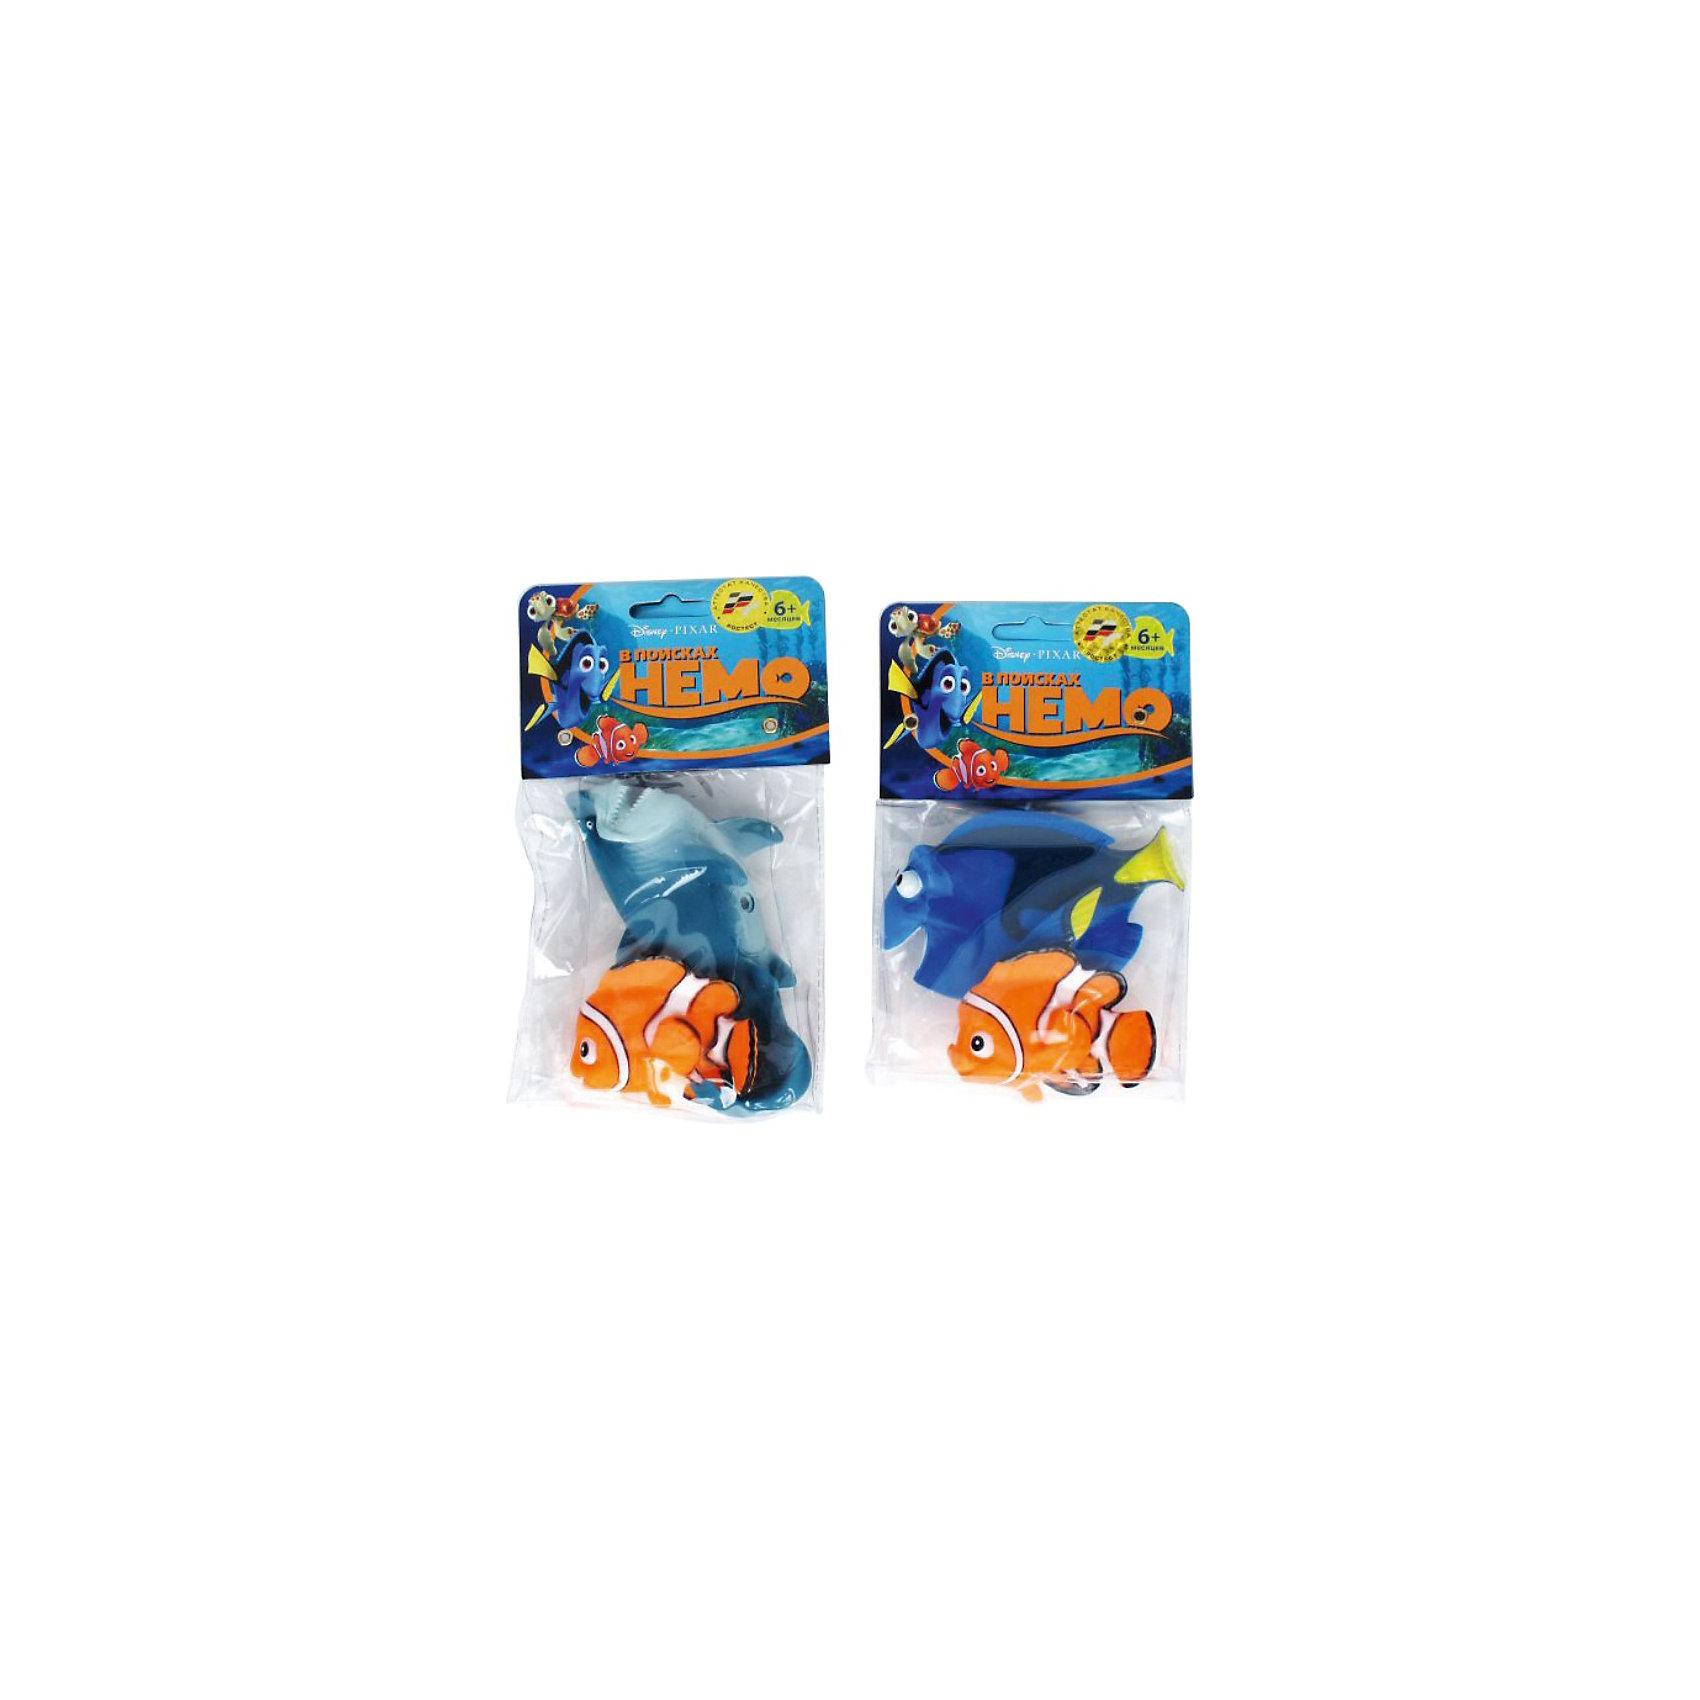 Набор для купания Немо,  disney, Играем вместе, в ассортиментеЯркий, красочный набор для купания Немо, Disney, Играем вместе превратит купание ребенка в веселую увлекательную игру. Набор выполнен по мотивам популярного диснеевского мультфильма В поисках Немо (Finding Nemo) о приключениях маленькой рыбки Немо и его друзей. В комплекте Вы найдете фигурки Немо и одной из рыбок - персонажей мультфильма. Легкие фигурки выполнены из мягкого качественного материала, ребенок с удовольствием будет играть с ними не только во время купания.<br><br>Дополнительная информация:<br><br>- Материал: ПВХ.<br>- Размер упаковки: 13 х 21 х 5 см.<br>- Вес: 110 гр.<br><br>ВНИМАНИЕ! Данный артикул имеется в наличии в разных вариантах исполнения. Заранее выбрать определенный вариант нельзя. При заказе нескольких наборов возможно получение одинаковых.<br><br>Набор для купания Немо, Disney, Играем вместе можно купить в нашем интернет-магазине.<br><br>Ширина мм: 130<br>Глубина мм: 50<br>Высота мм: 210<br>Вес г: 90<br>Возраст от месяцев: 6<br>Возраст до месяцев: 36<br>Пол: Унисекс<br>Возраст: Детский<br>SKU: 3778144